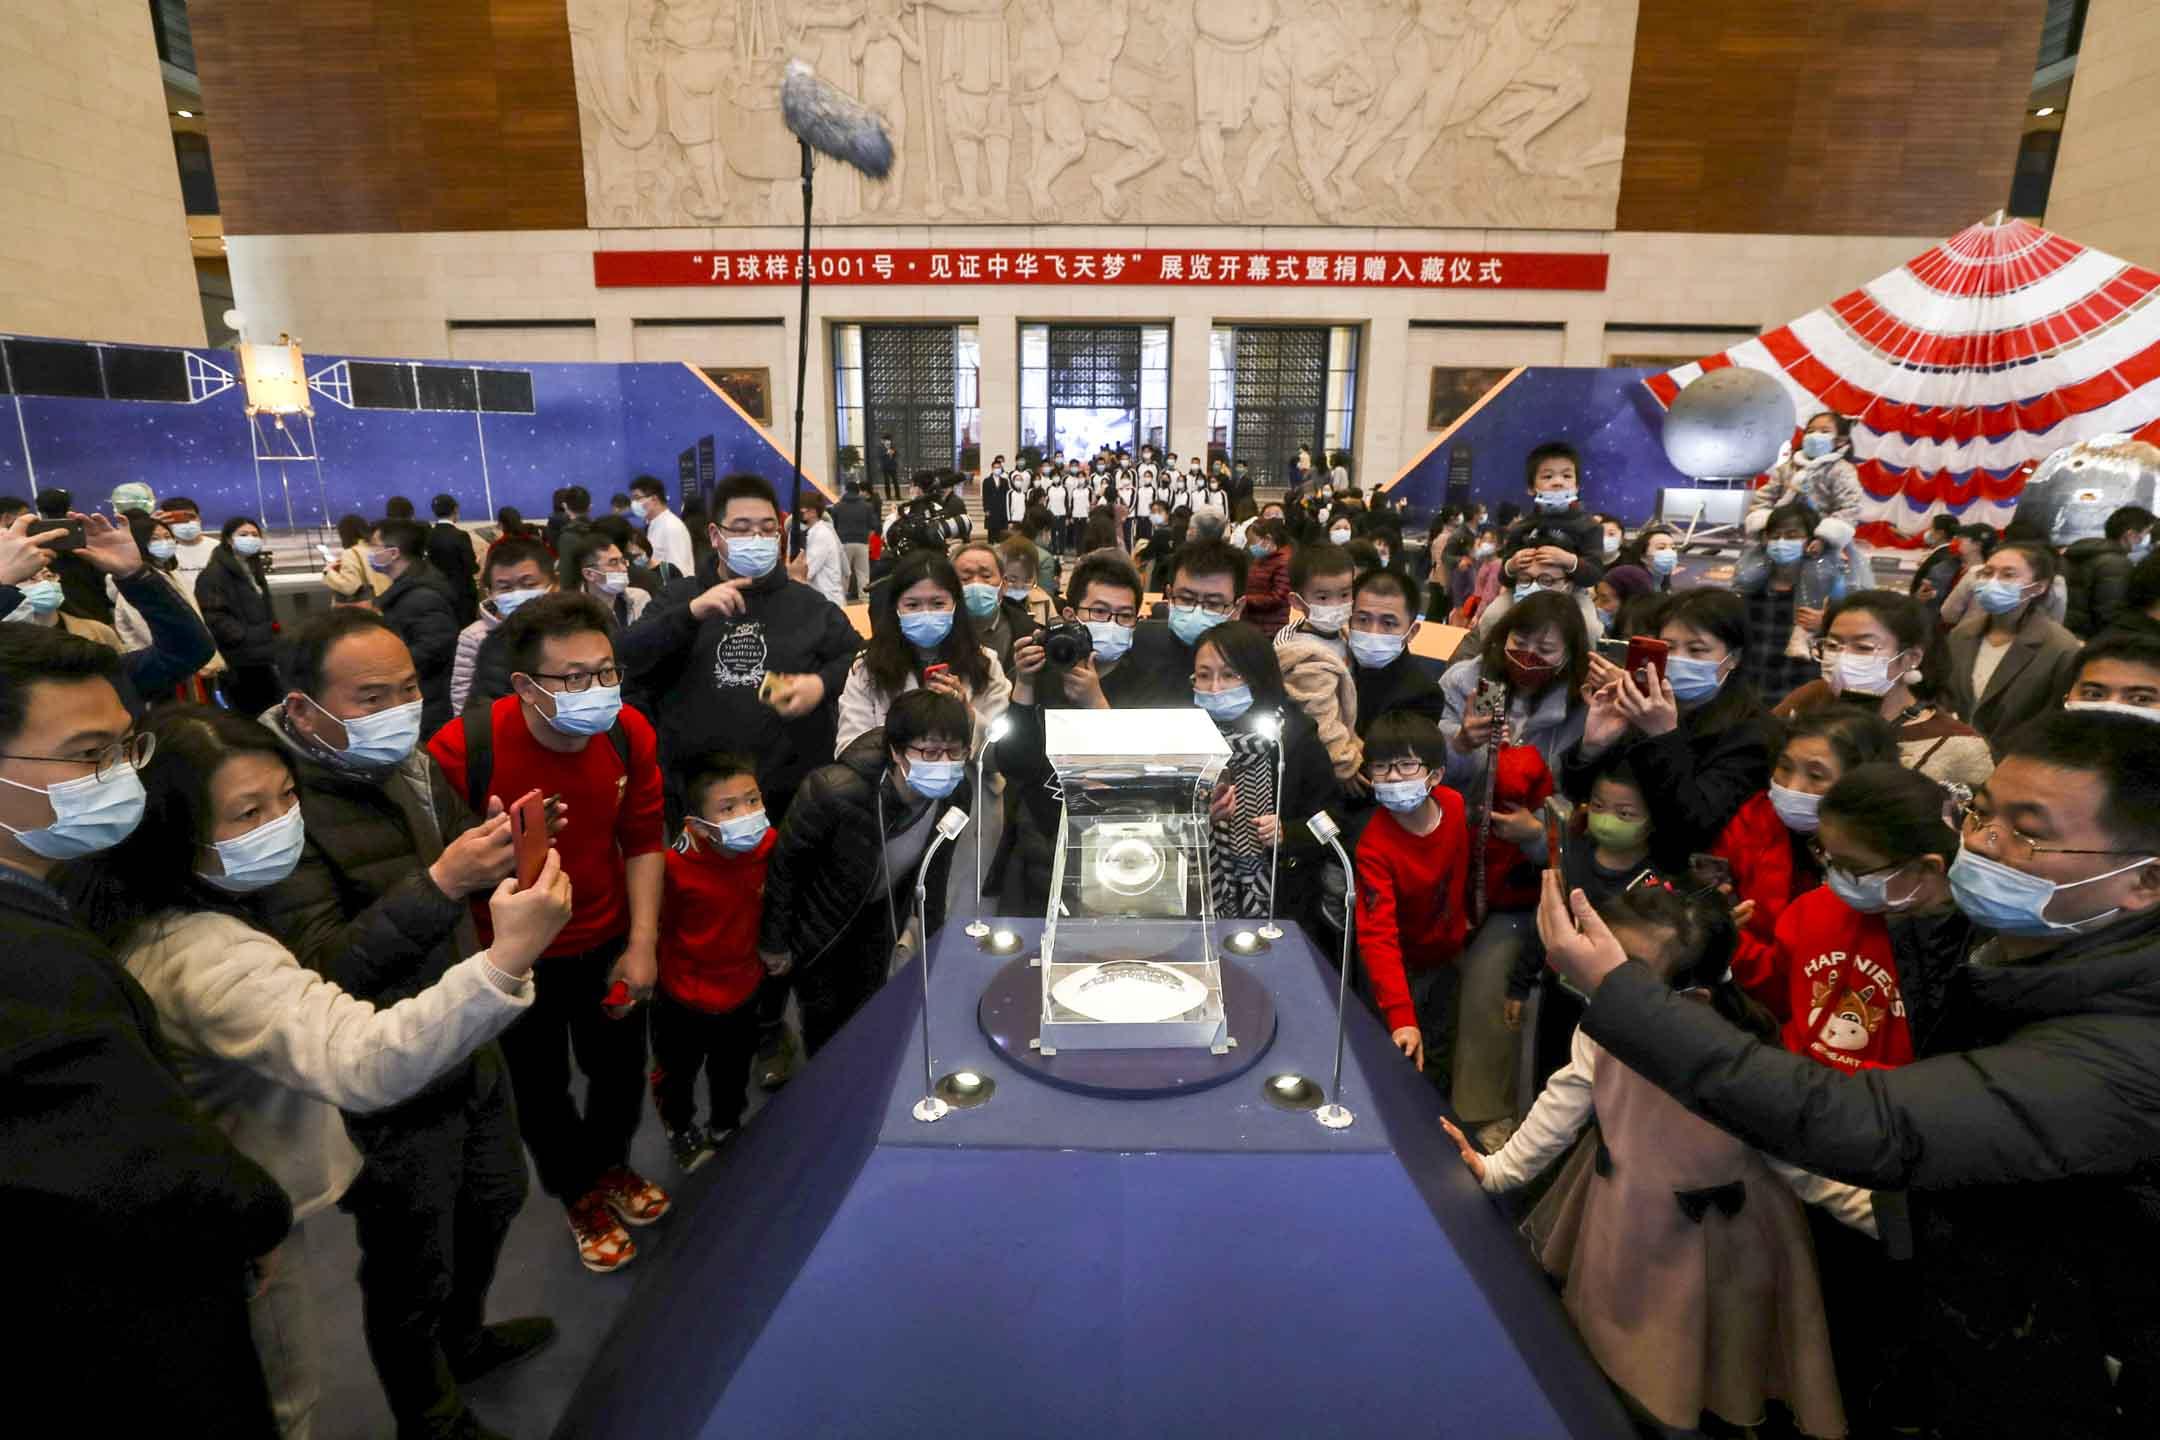 2021年2月27日,北京,人們在中國國家博物館觀看一塊由嫦娥五號探測器從月球表面採集的樣本。 攝:VCG via Getty Images